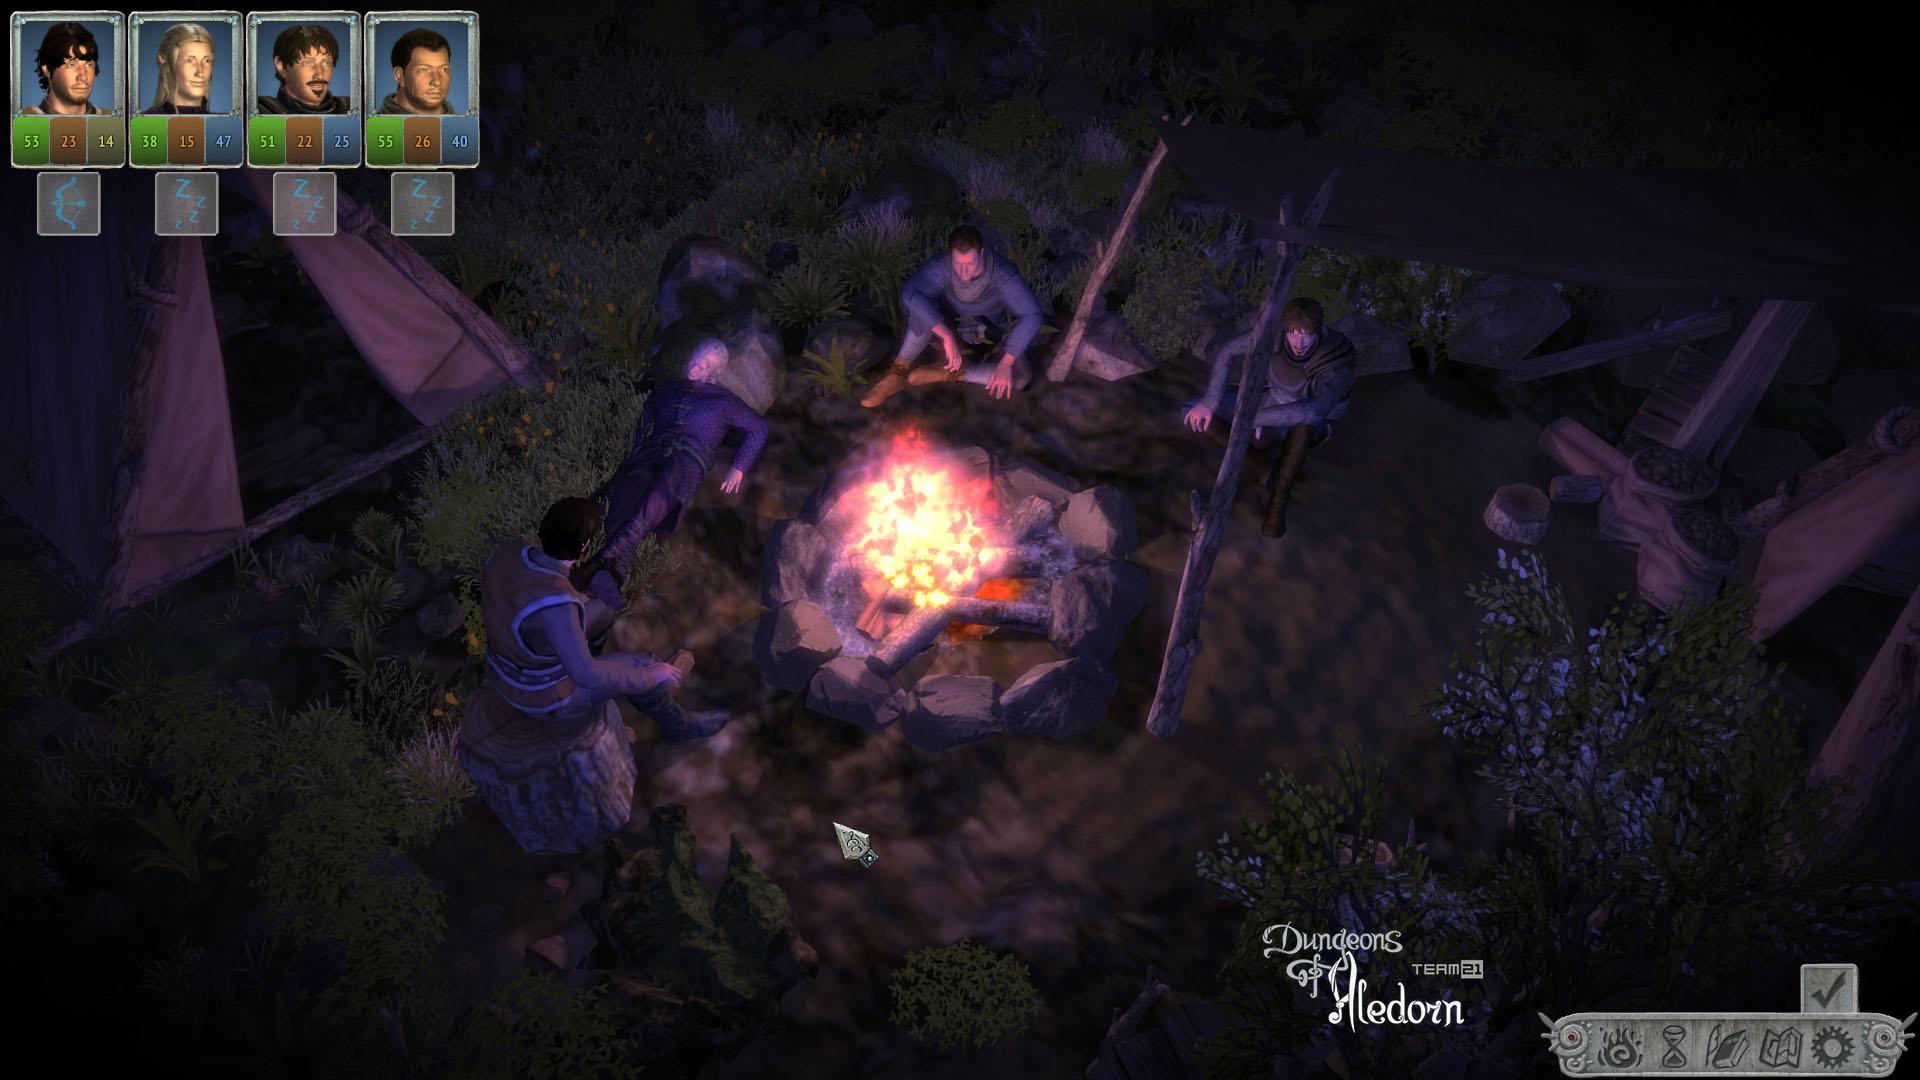 České hardcore RPG Dungeons of Aledorn započalo svou kampaň na Kickstarteru 107023